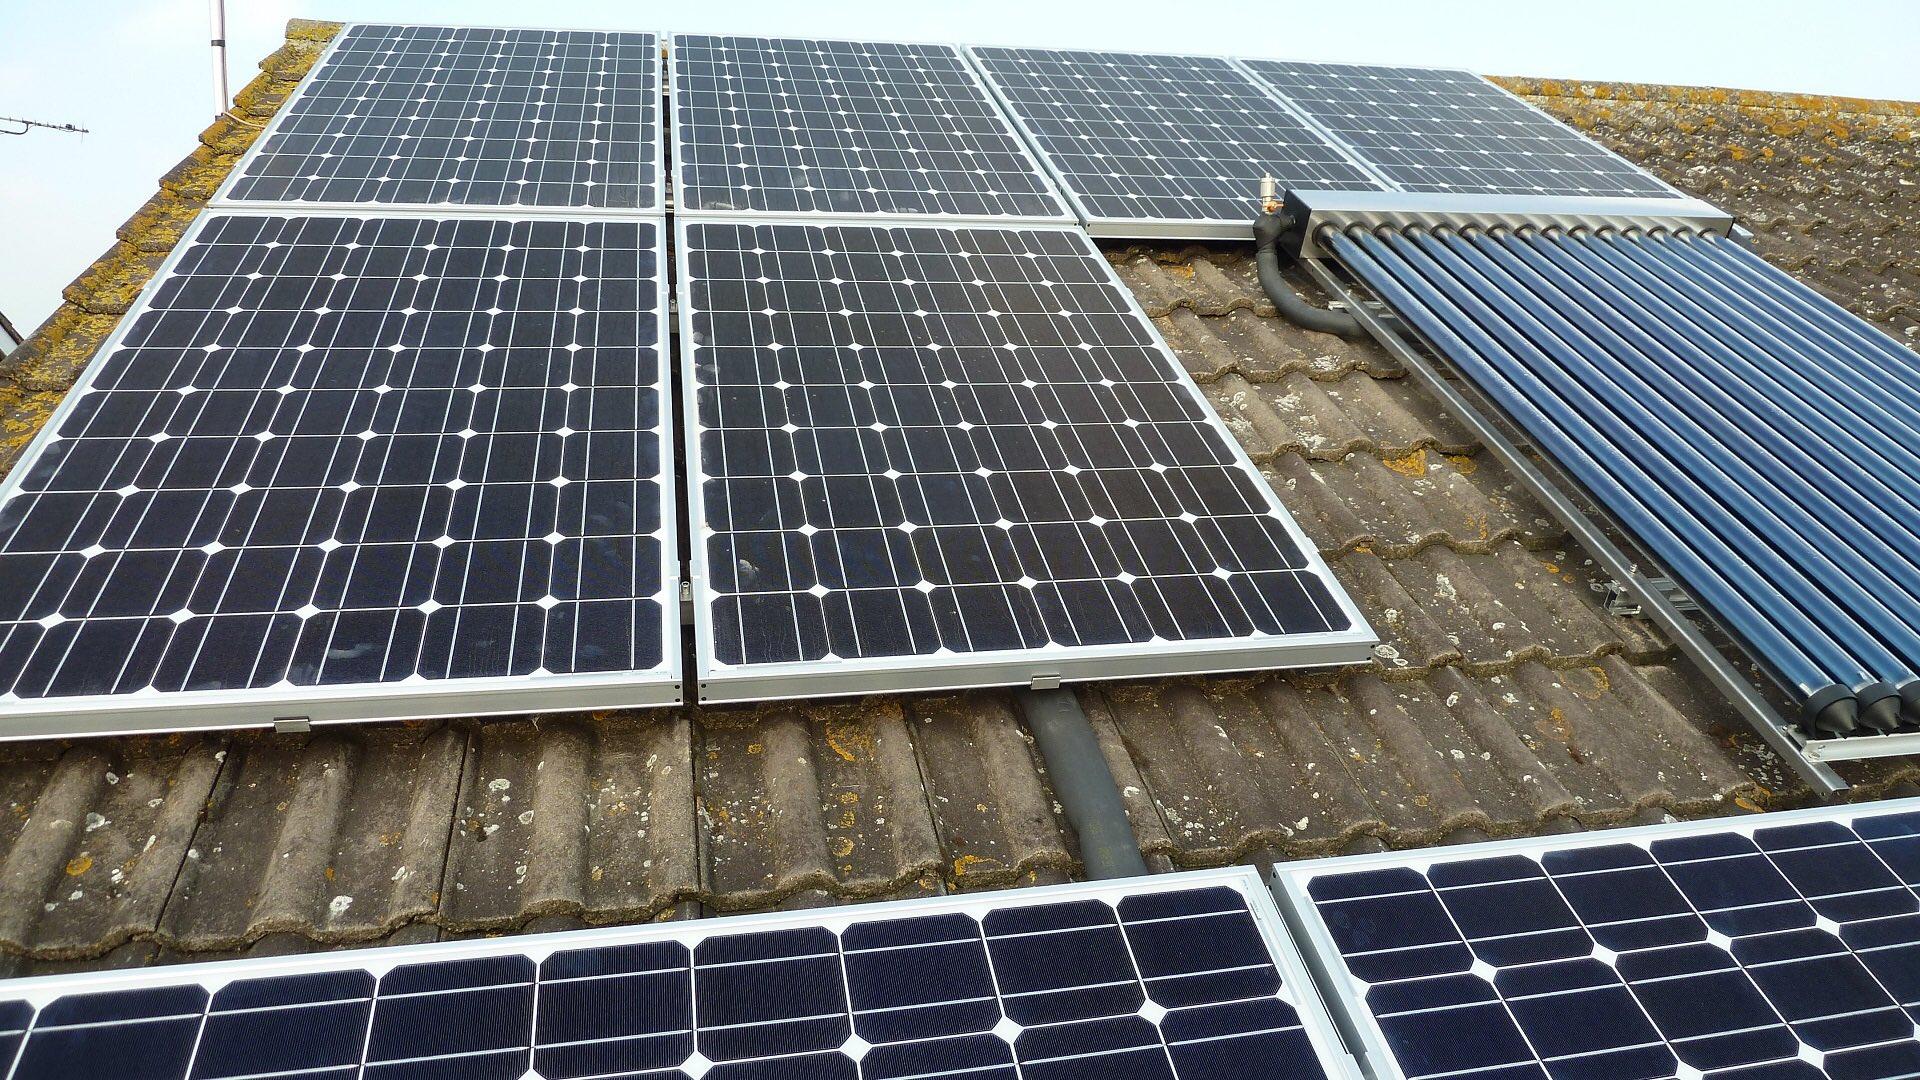 De aprobarse la Reforma a Ley de la Industria Eléctrica, afectaría gravemente a México: CCE